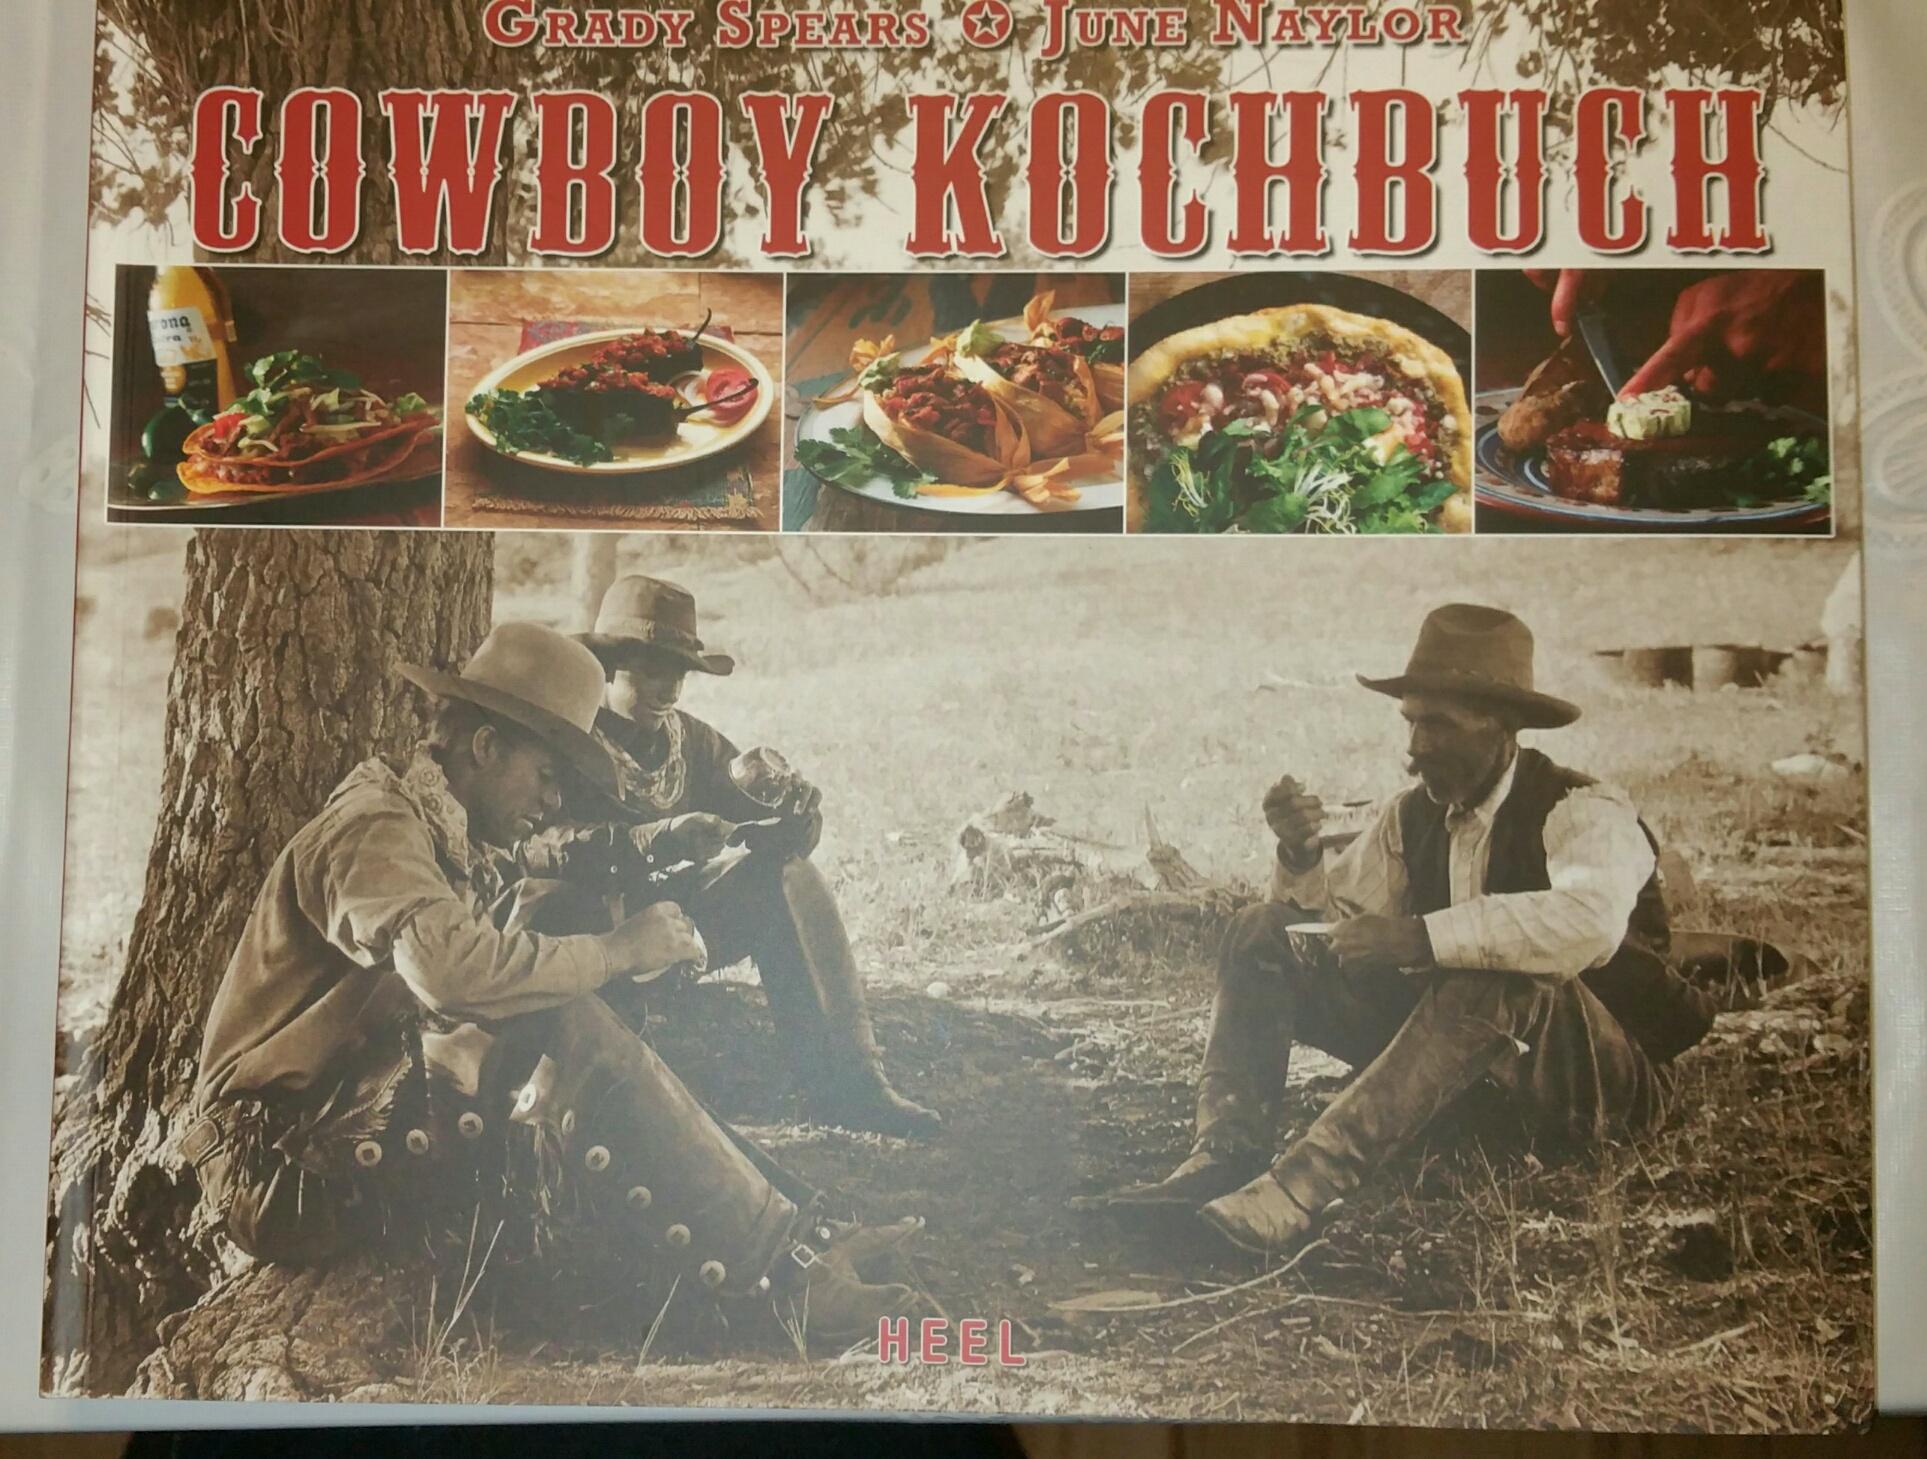 Cowboy Kochbuch.jpg